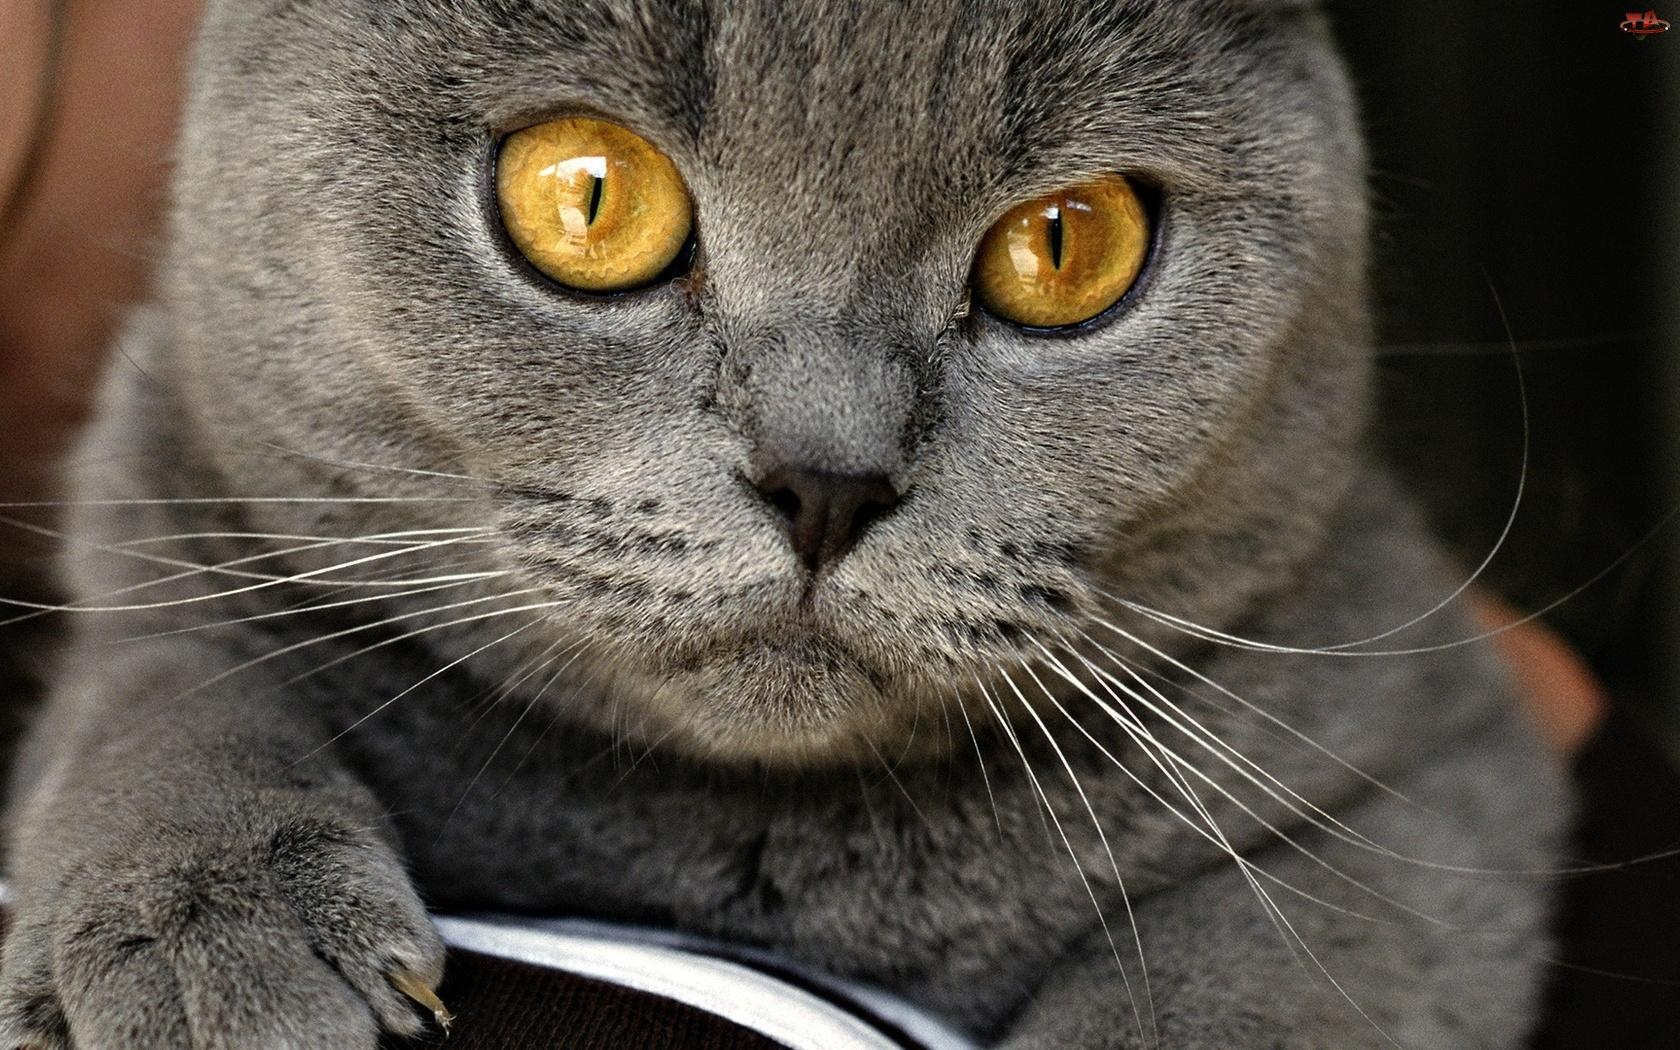 Kot, Oczy, Pyszczek, Piękne